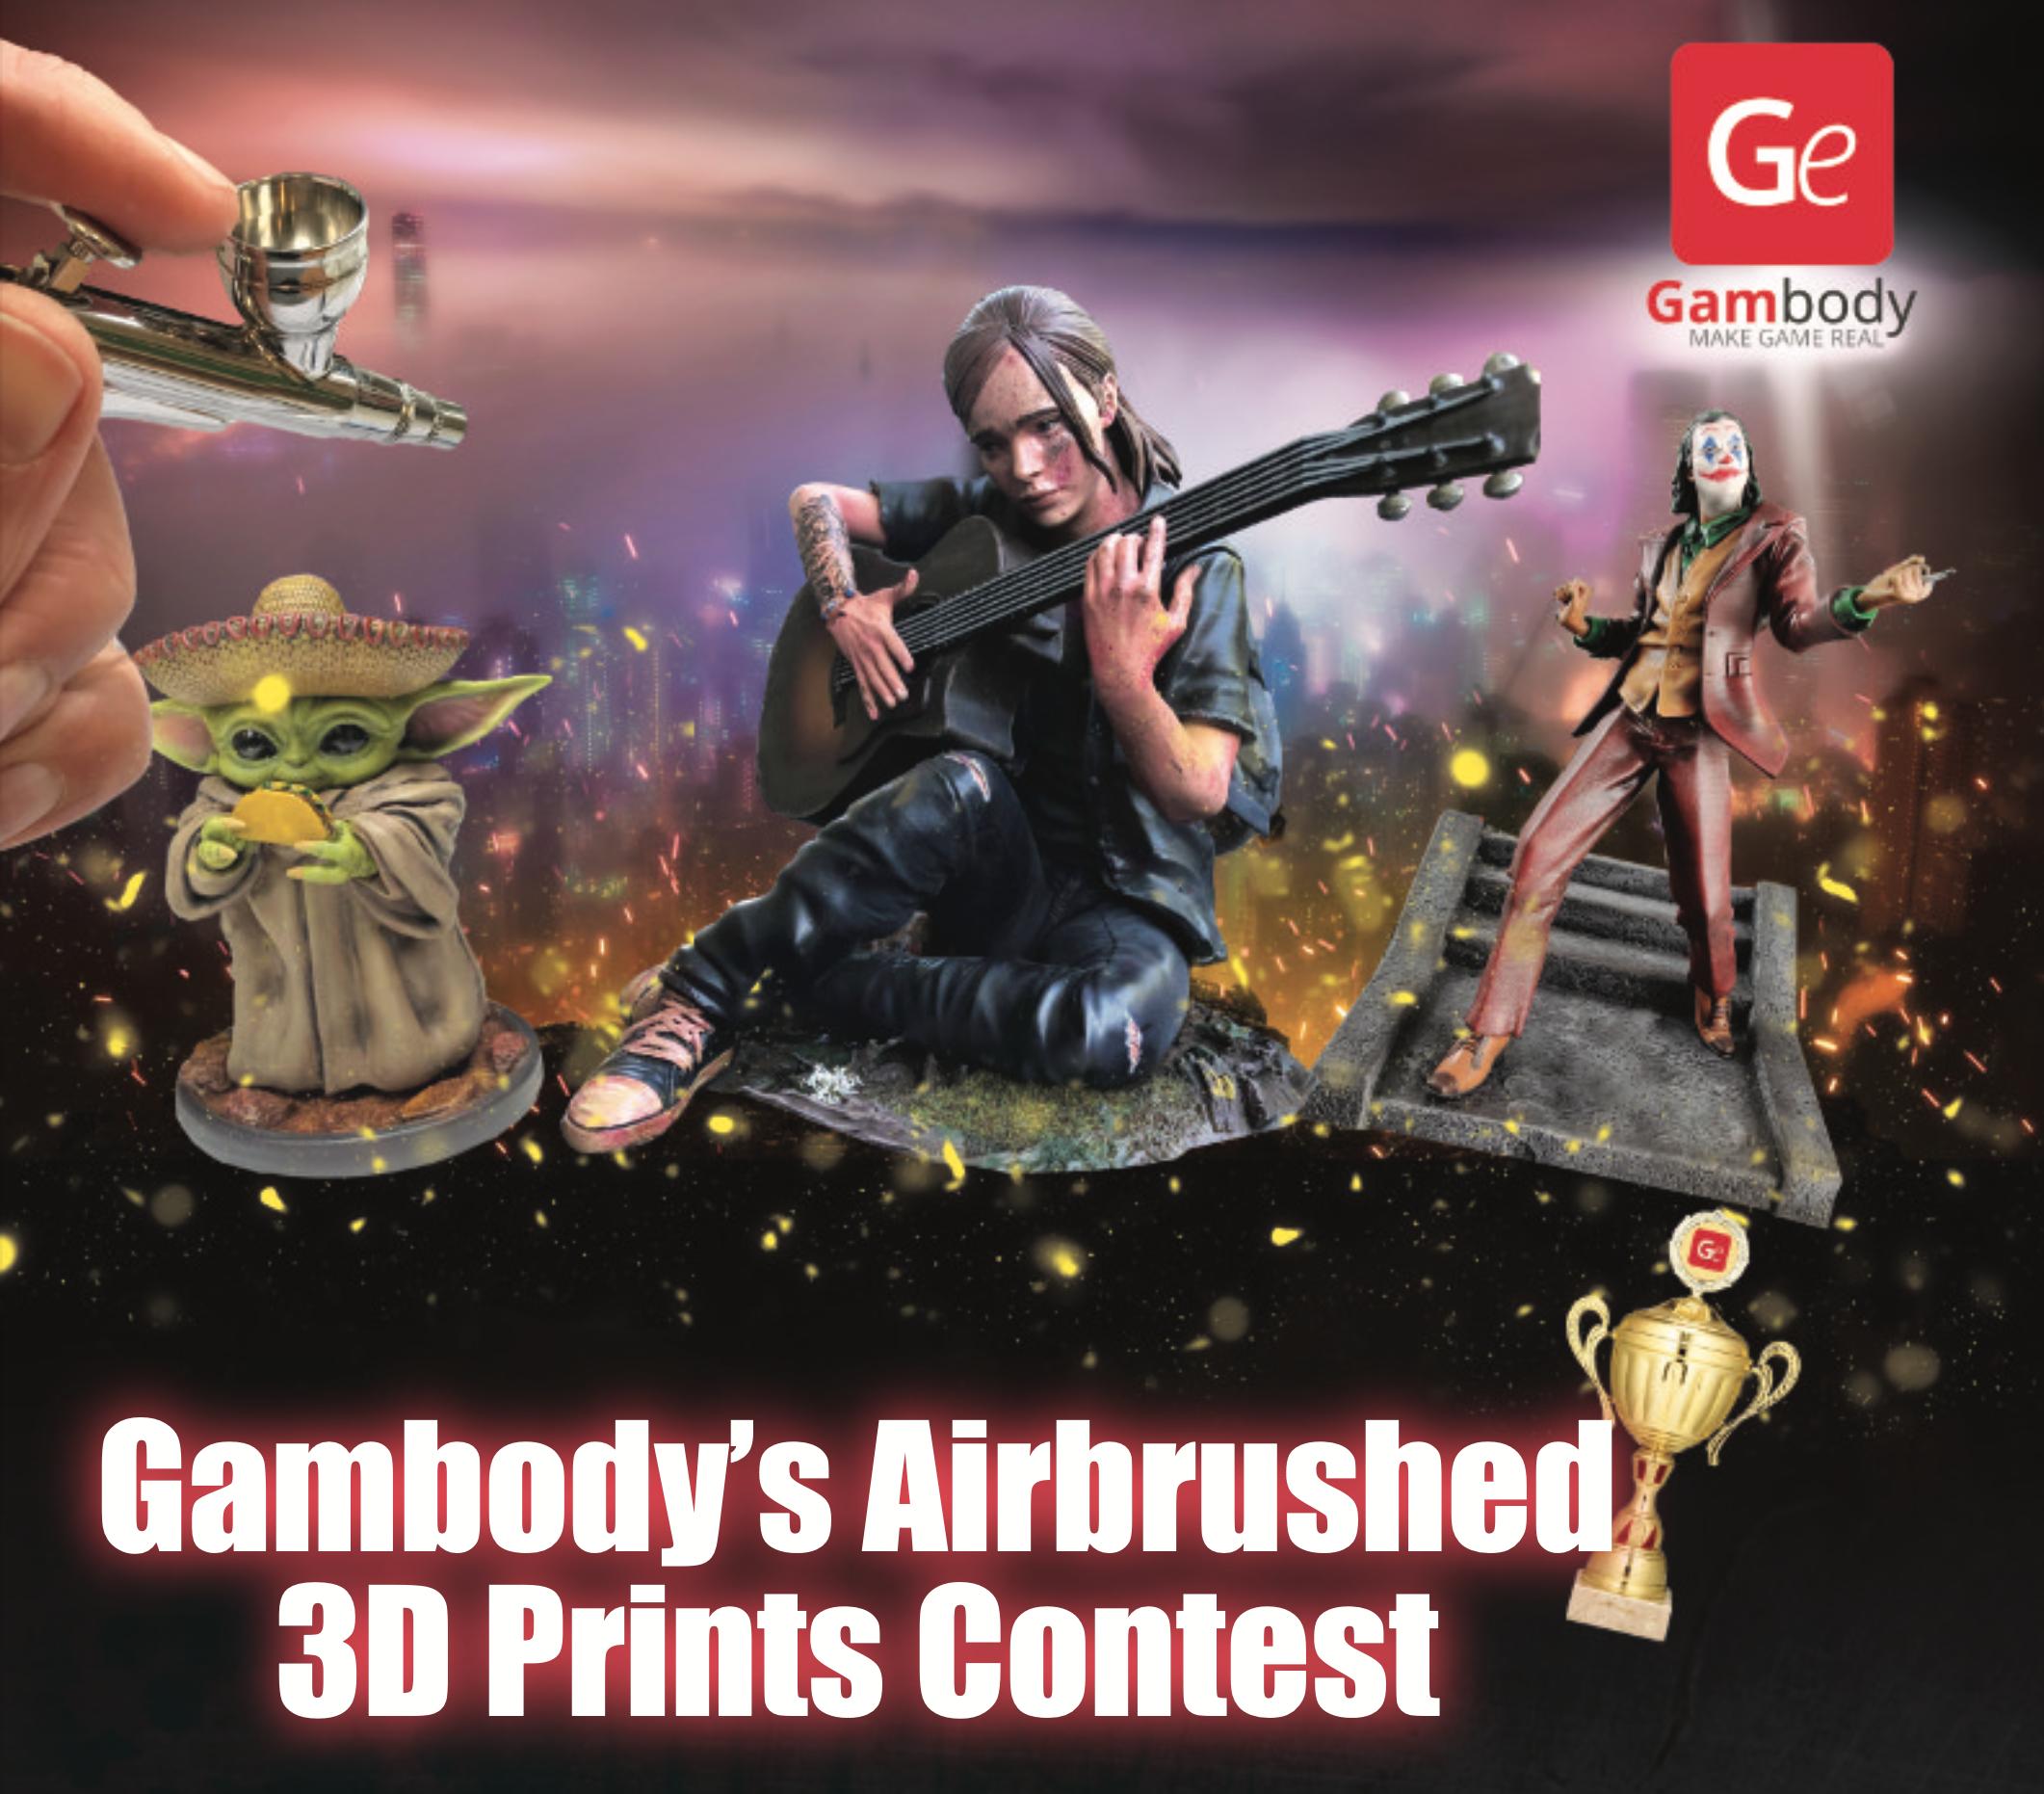 Die Gewinner des Airbrush- und 3D-Druck-Wettbewerbs von Gambody